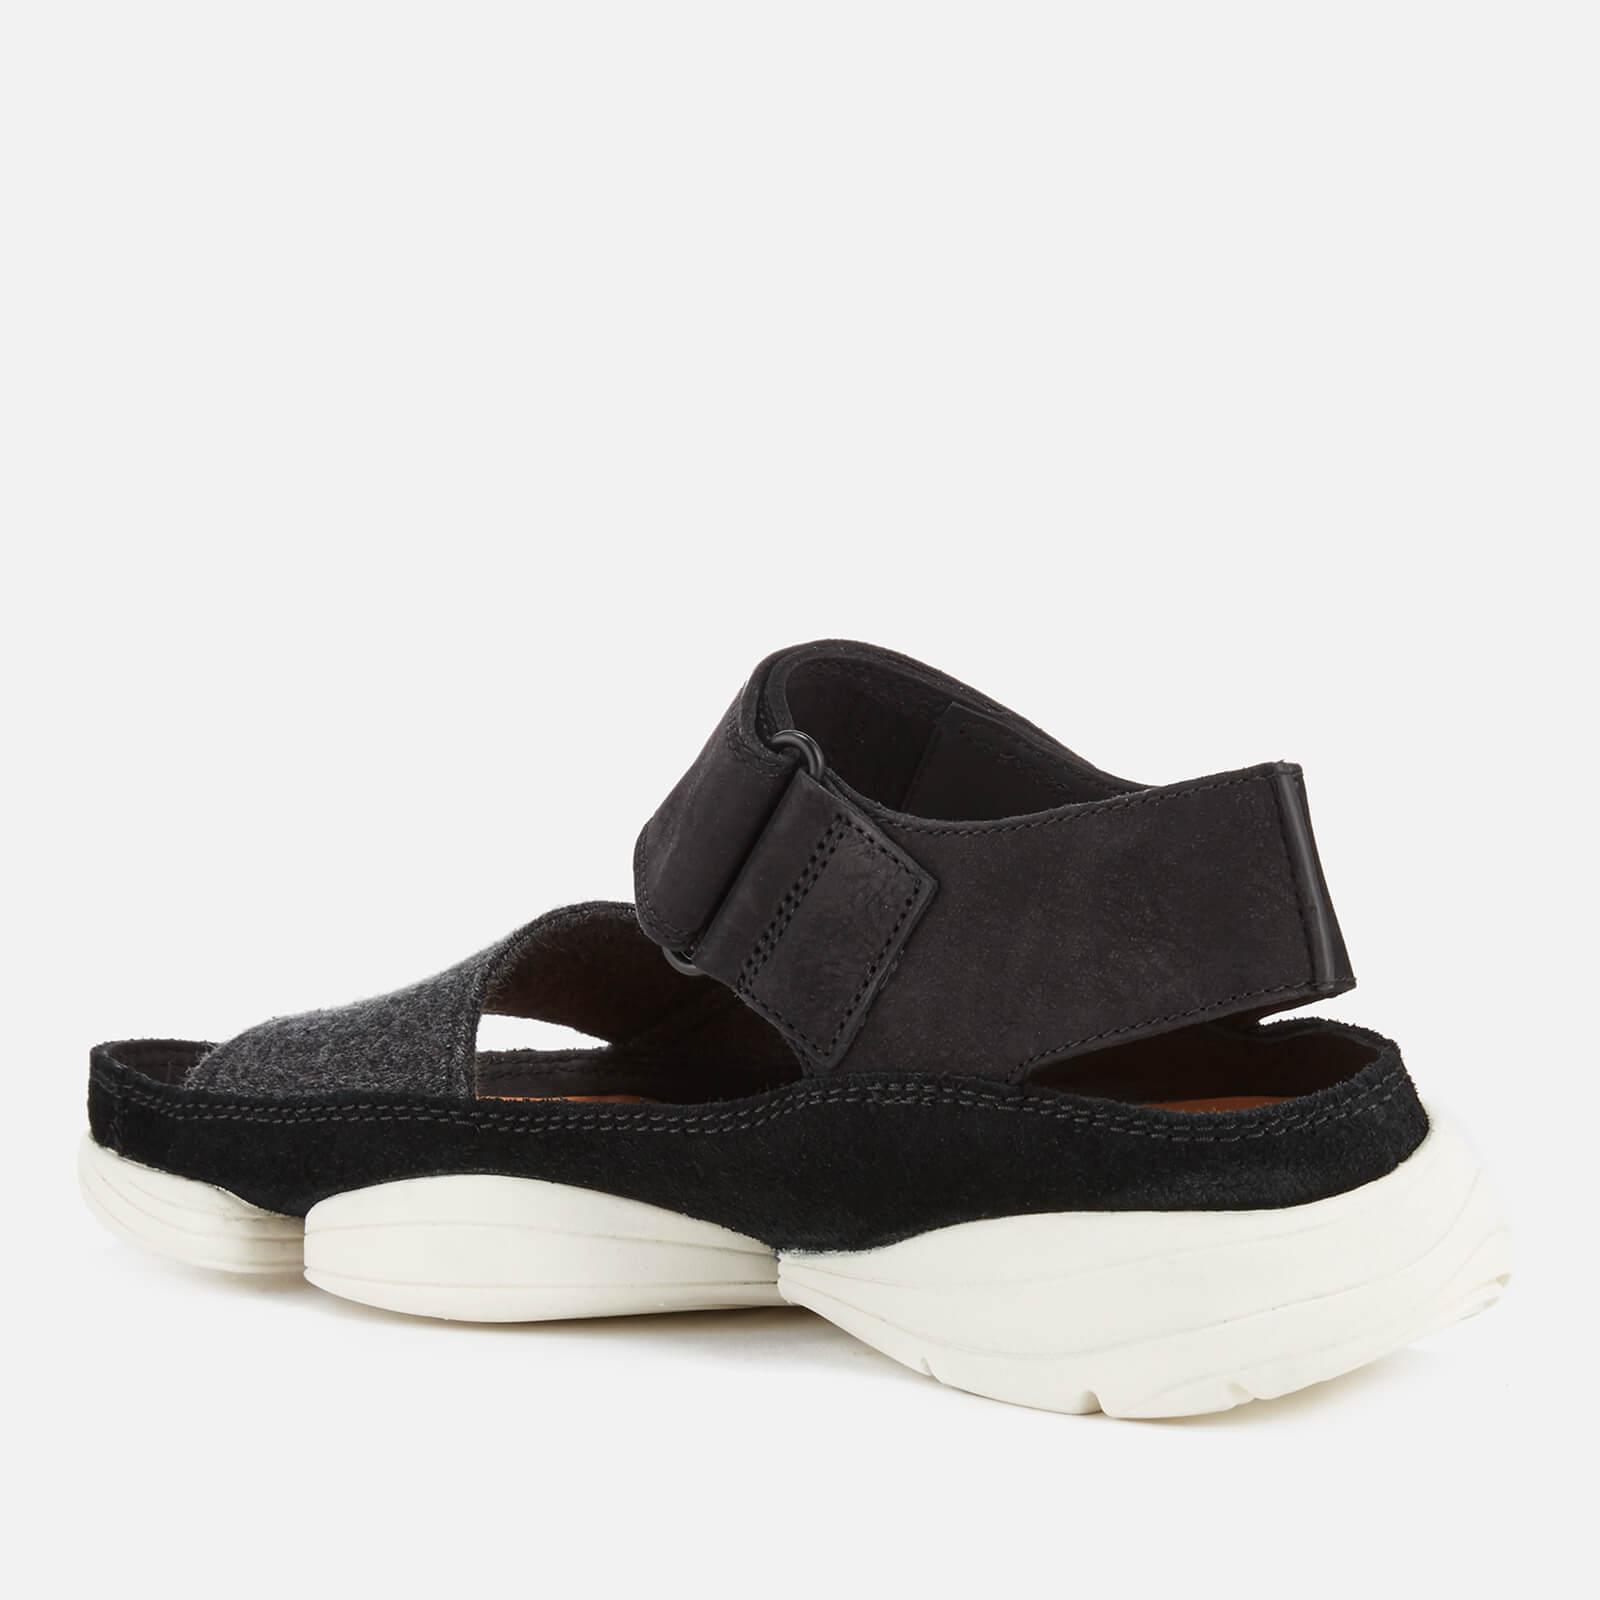 Clarks - Black Trigenic Evo S Nubuck Sandals - Lyst. View fullscreen f4ce55fddf6